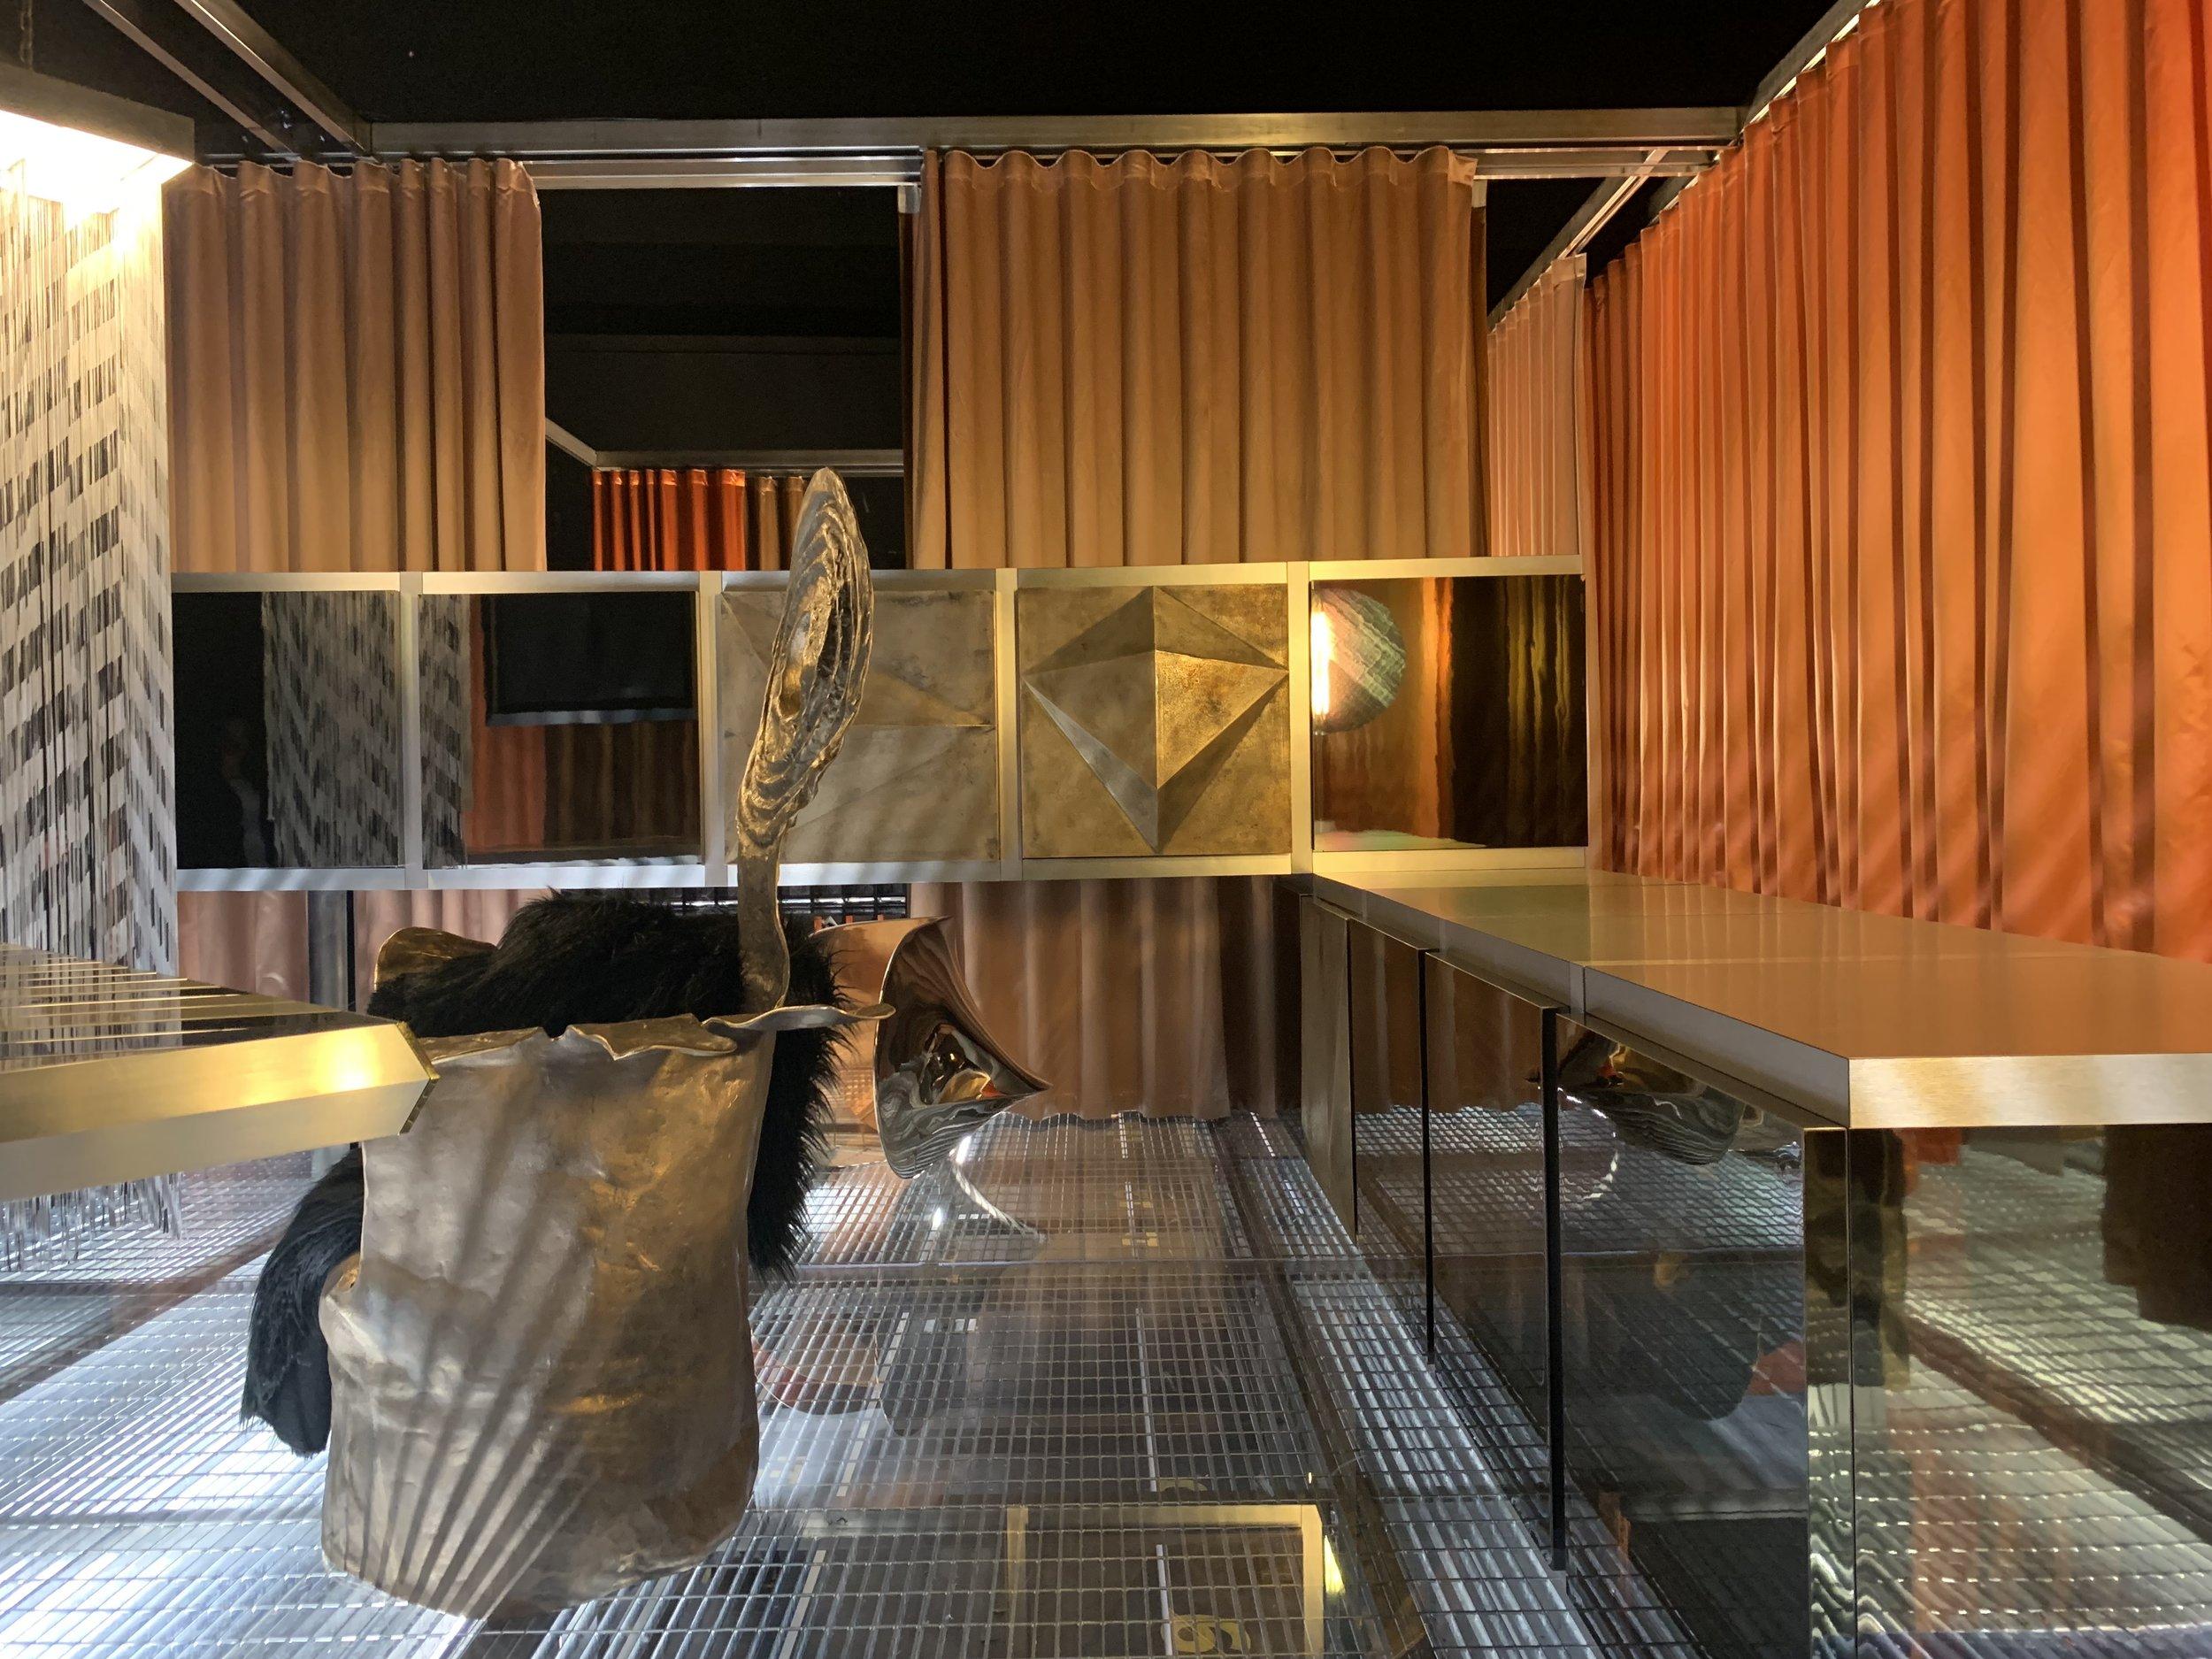 014 Salone del Mobile 2019 Lex de gooijer interiors rotterdam.JPG